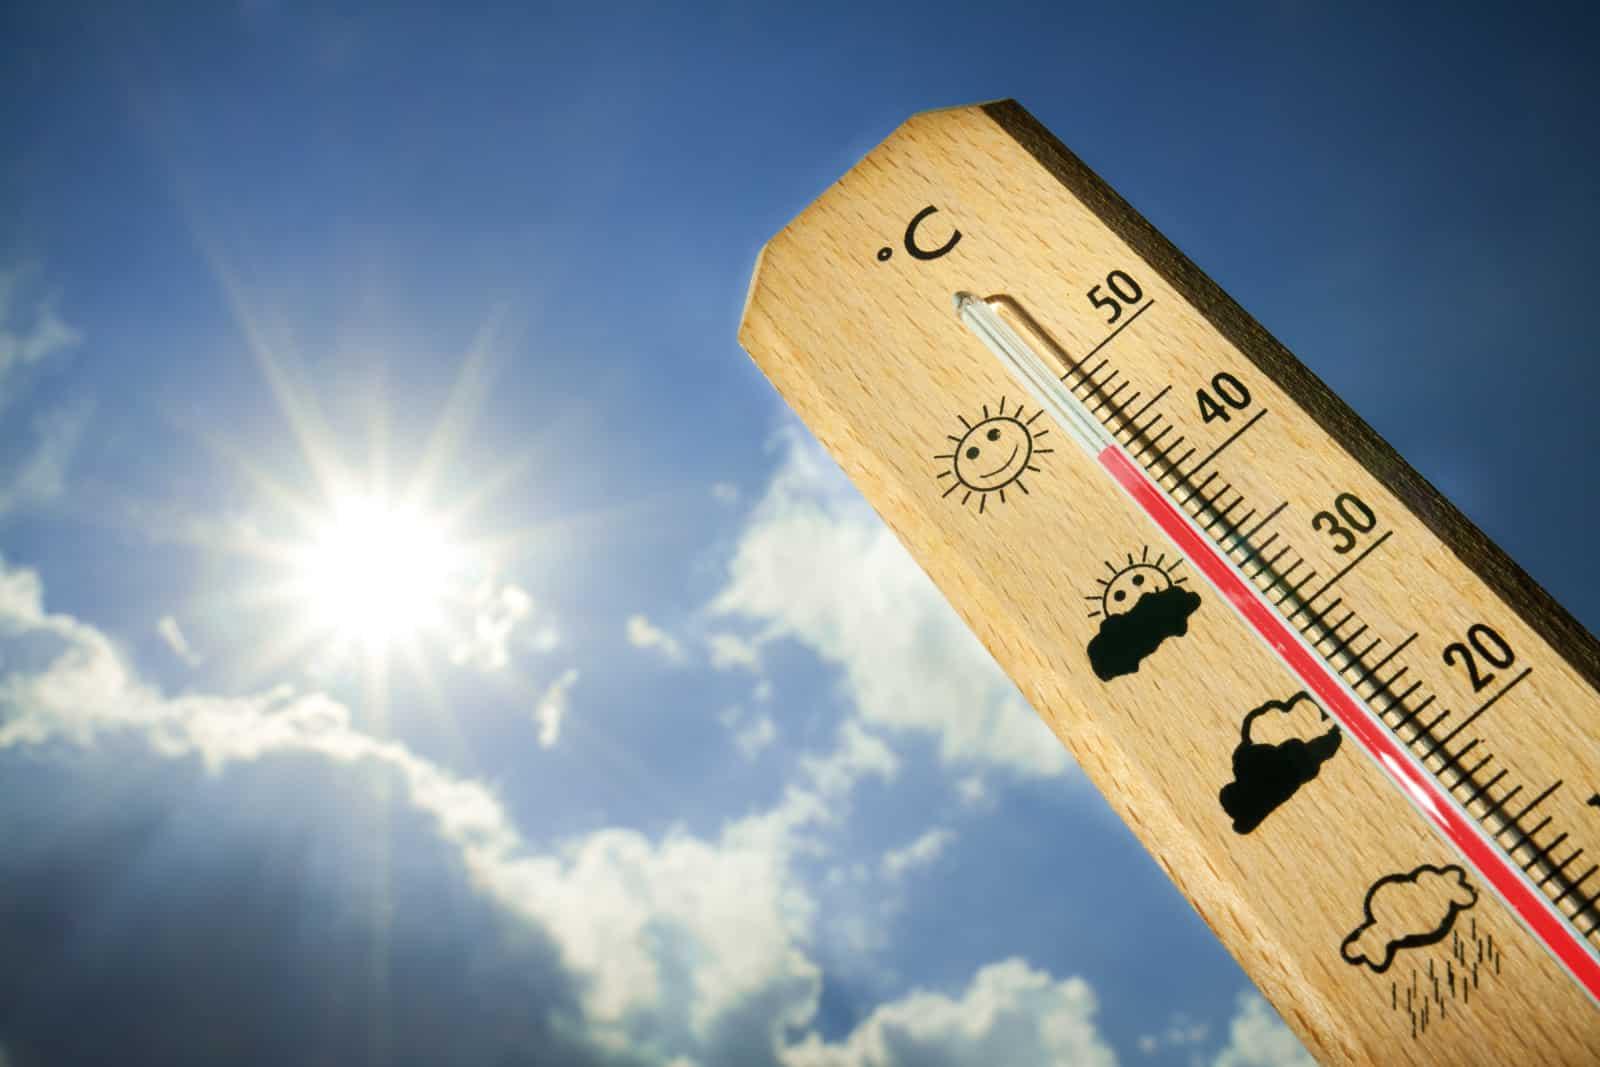 ما صياغة الحل لتحويل درجة الحرارة من النظام المئوي الى الفهرنهايت